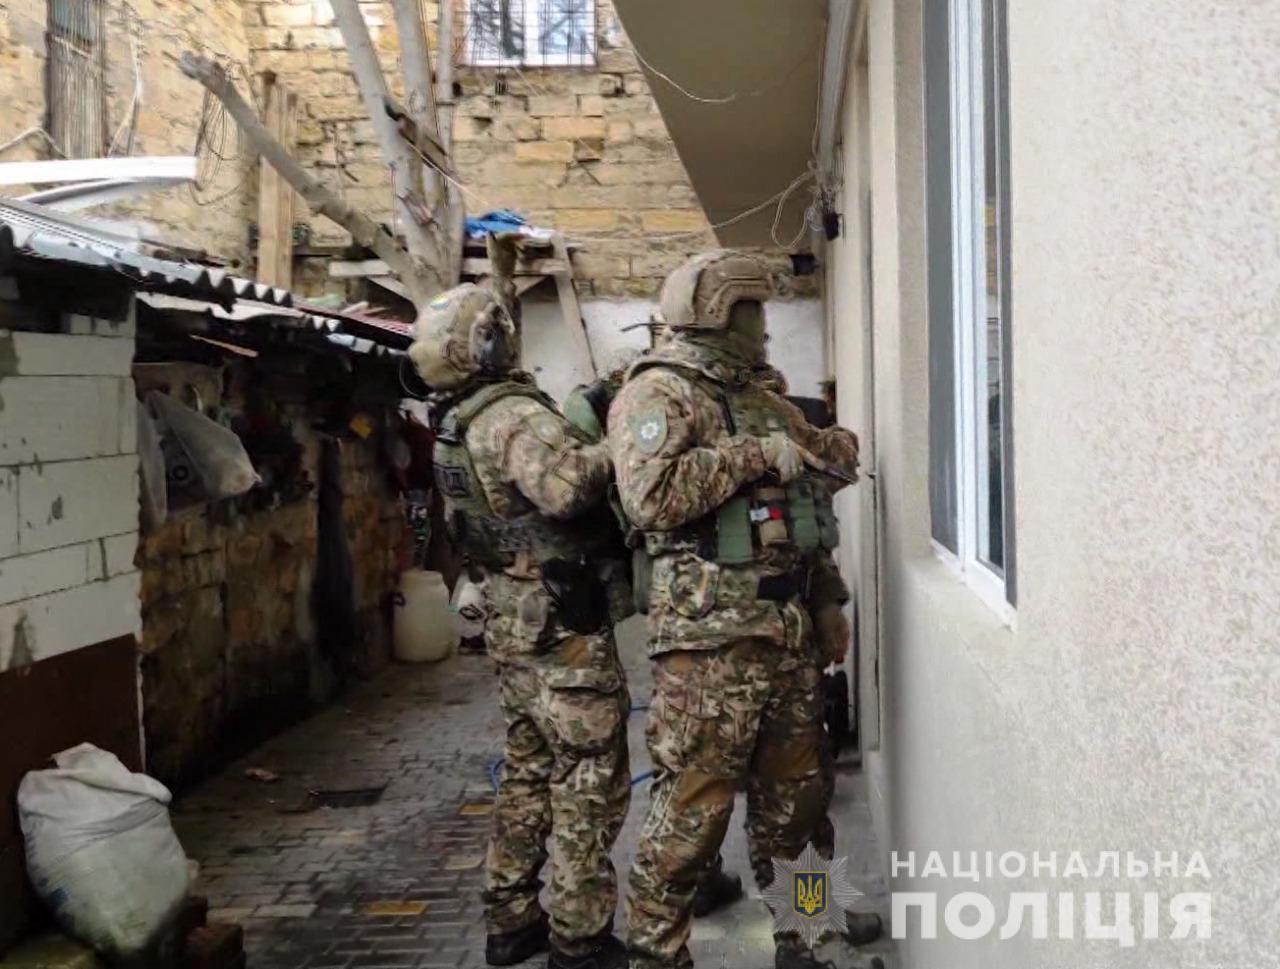 Полиция ведет массовые зачистки Одесской области от криминалитетов